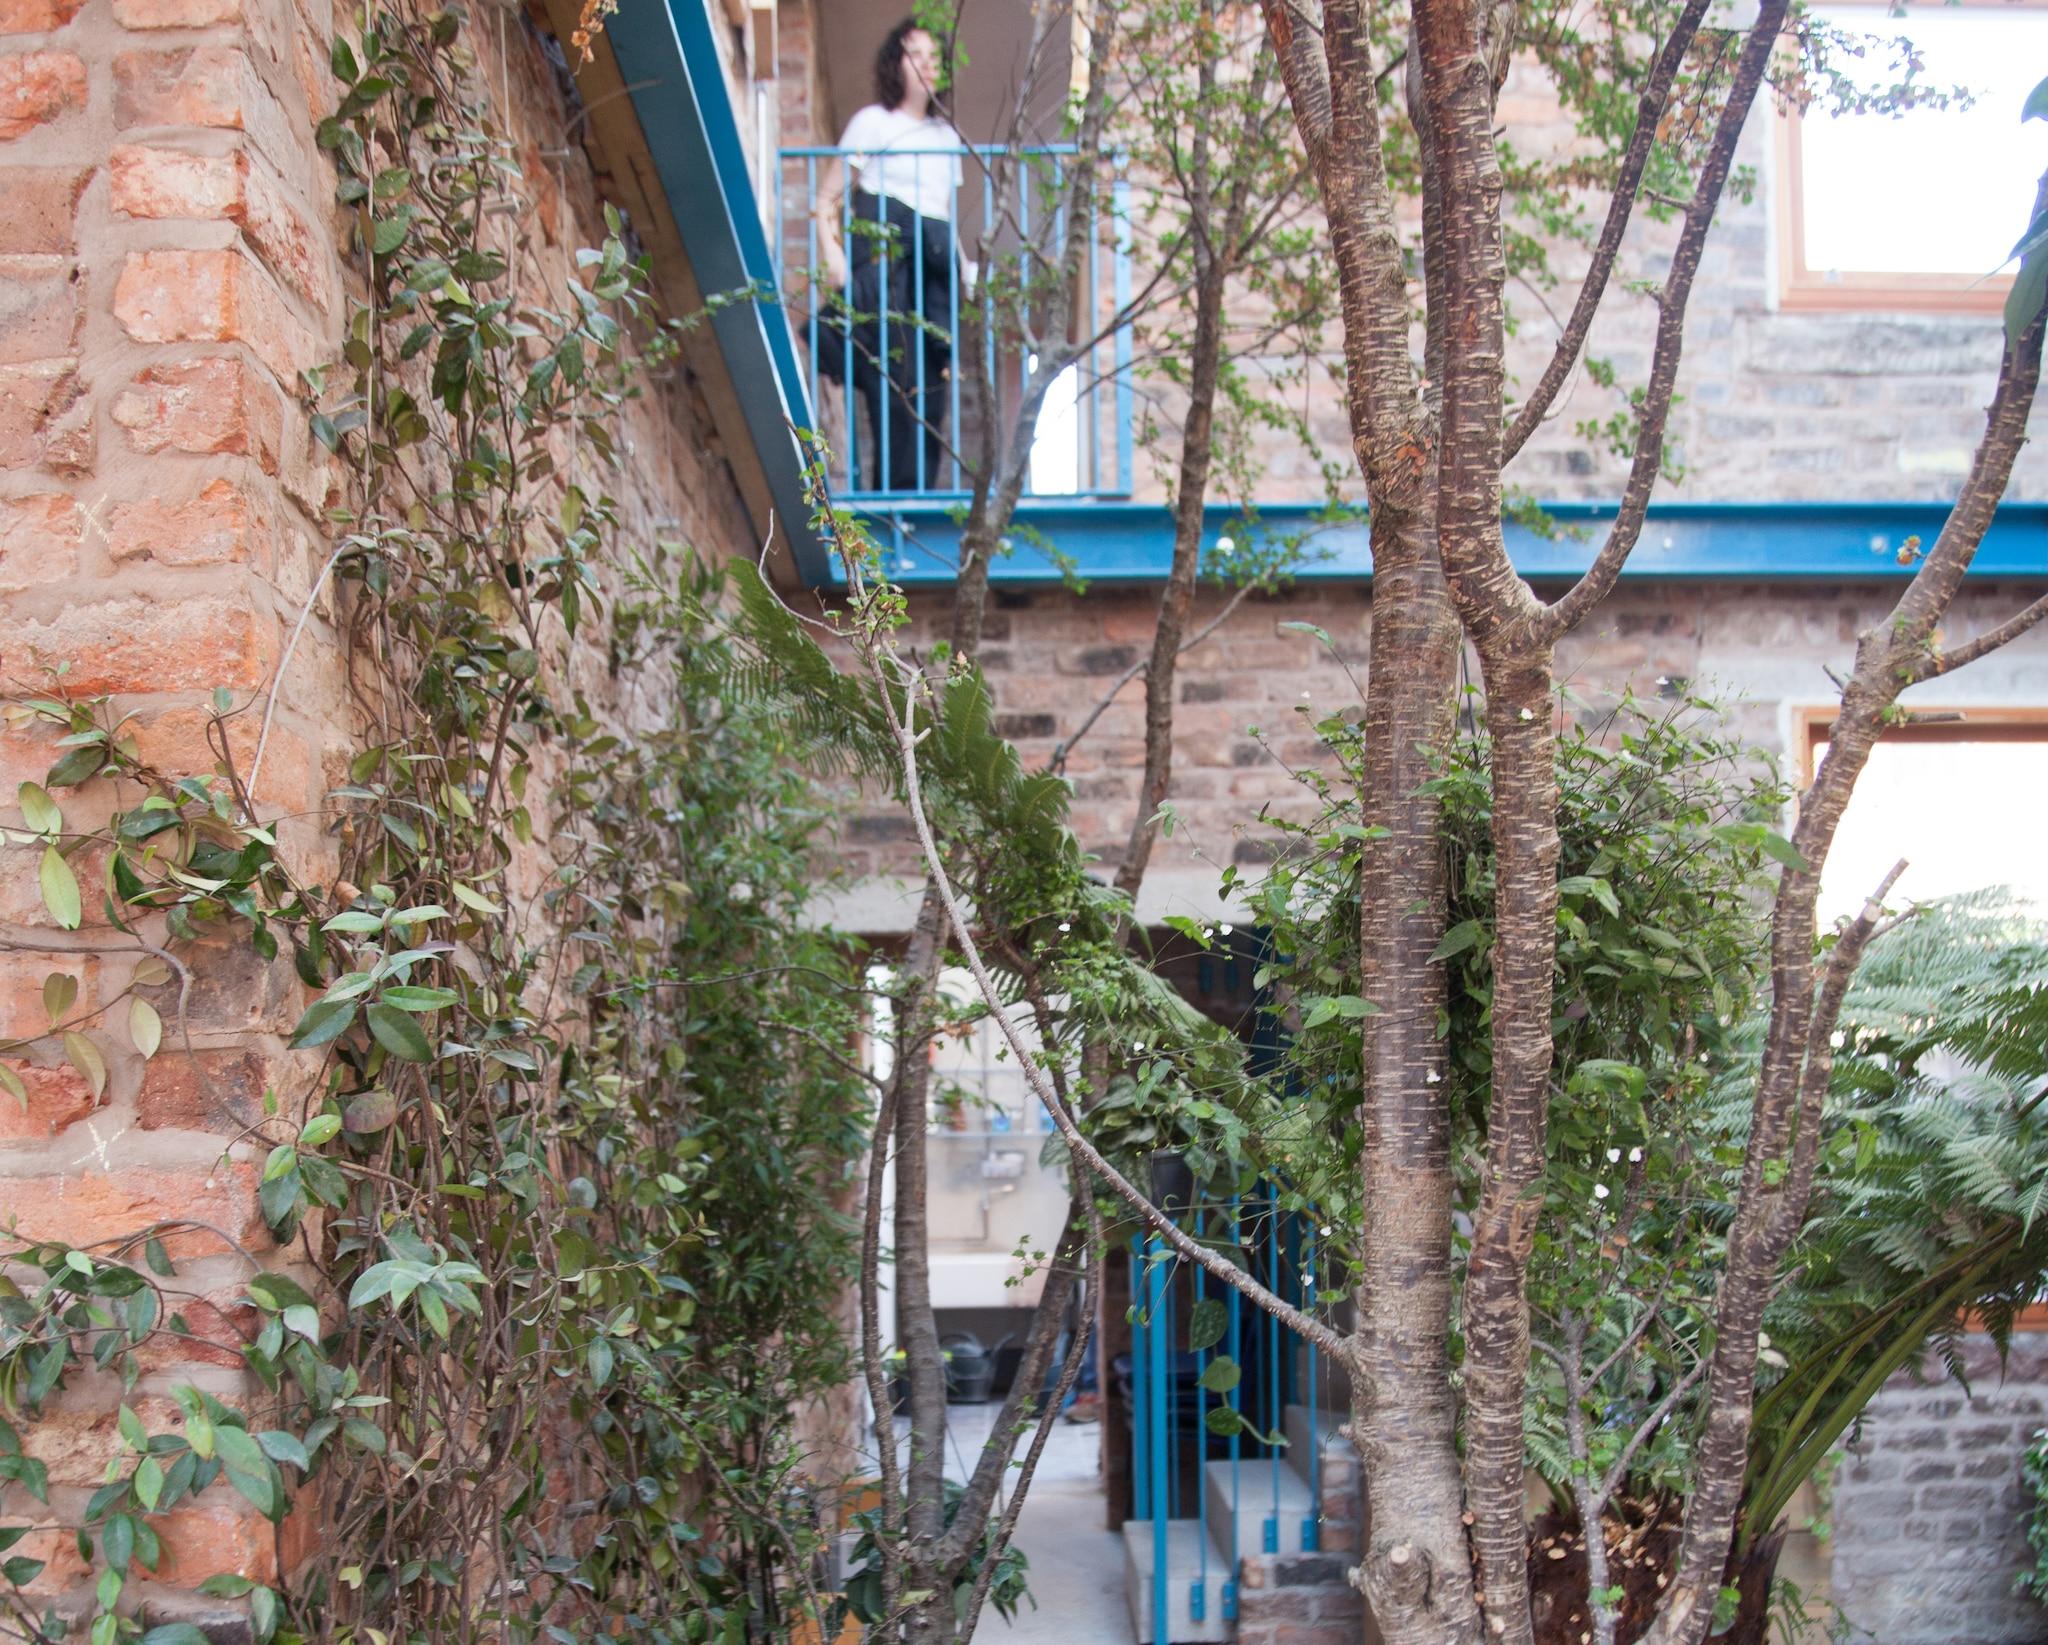 Giardino Di Una Casa assemble crea un 'giardino segreto' in una residenza